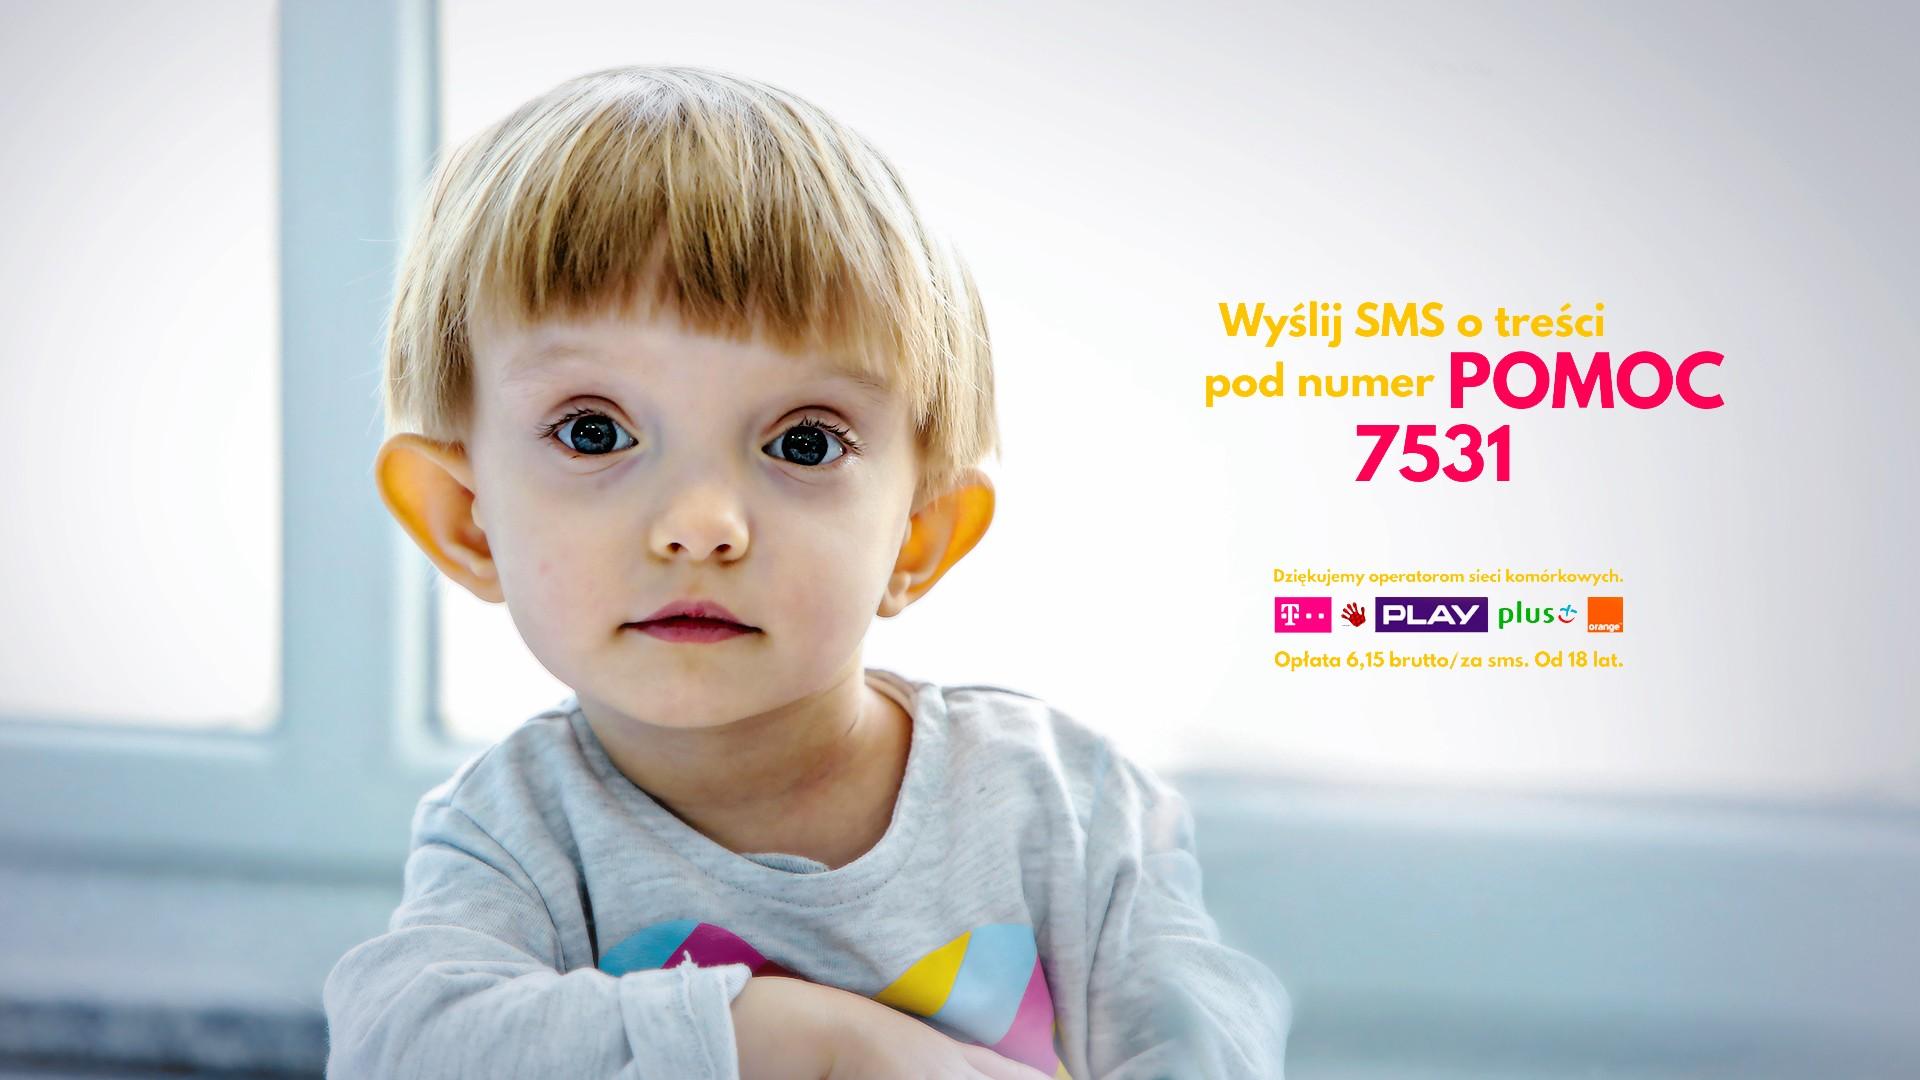 Wysyłając SMS pomagasz dzieciom takim jak Julka w codziennej walce o zdrowie